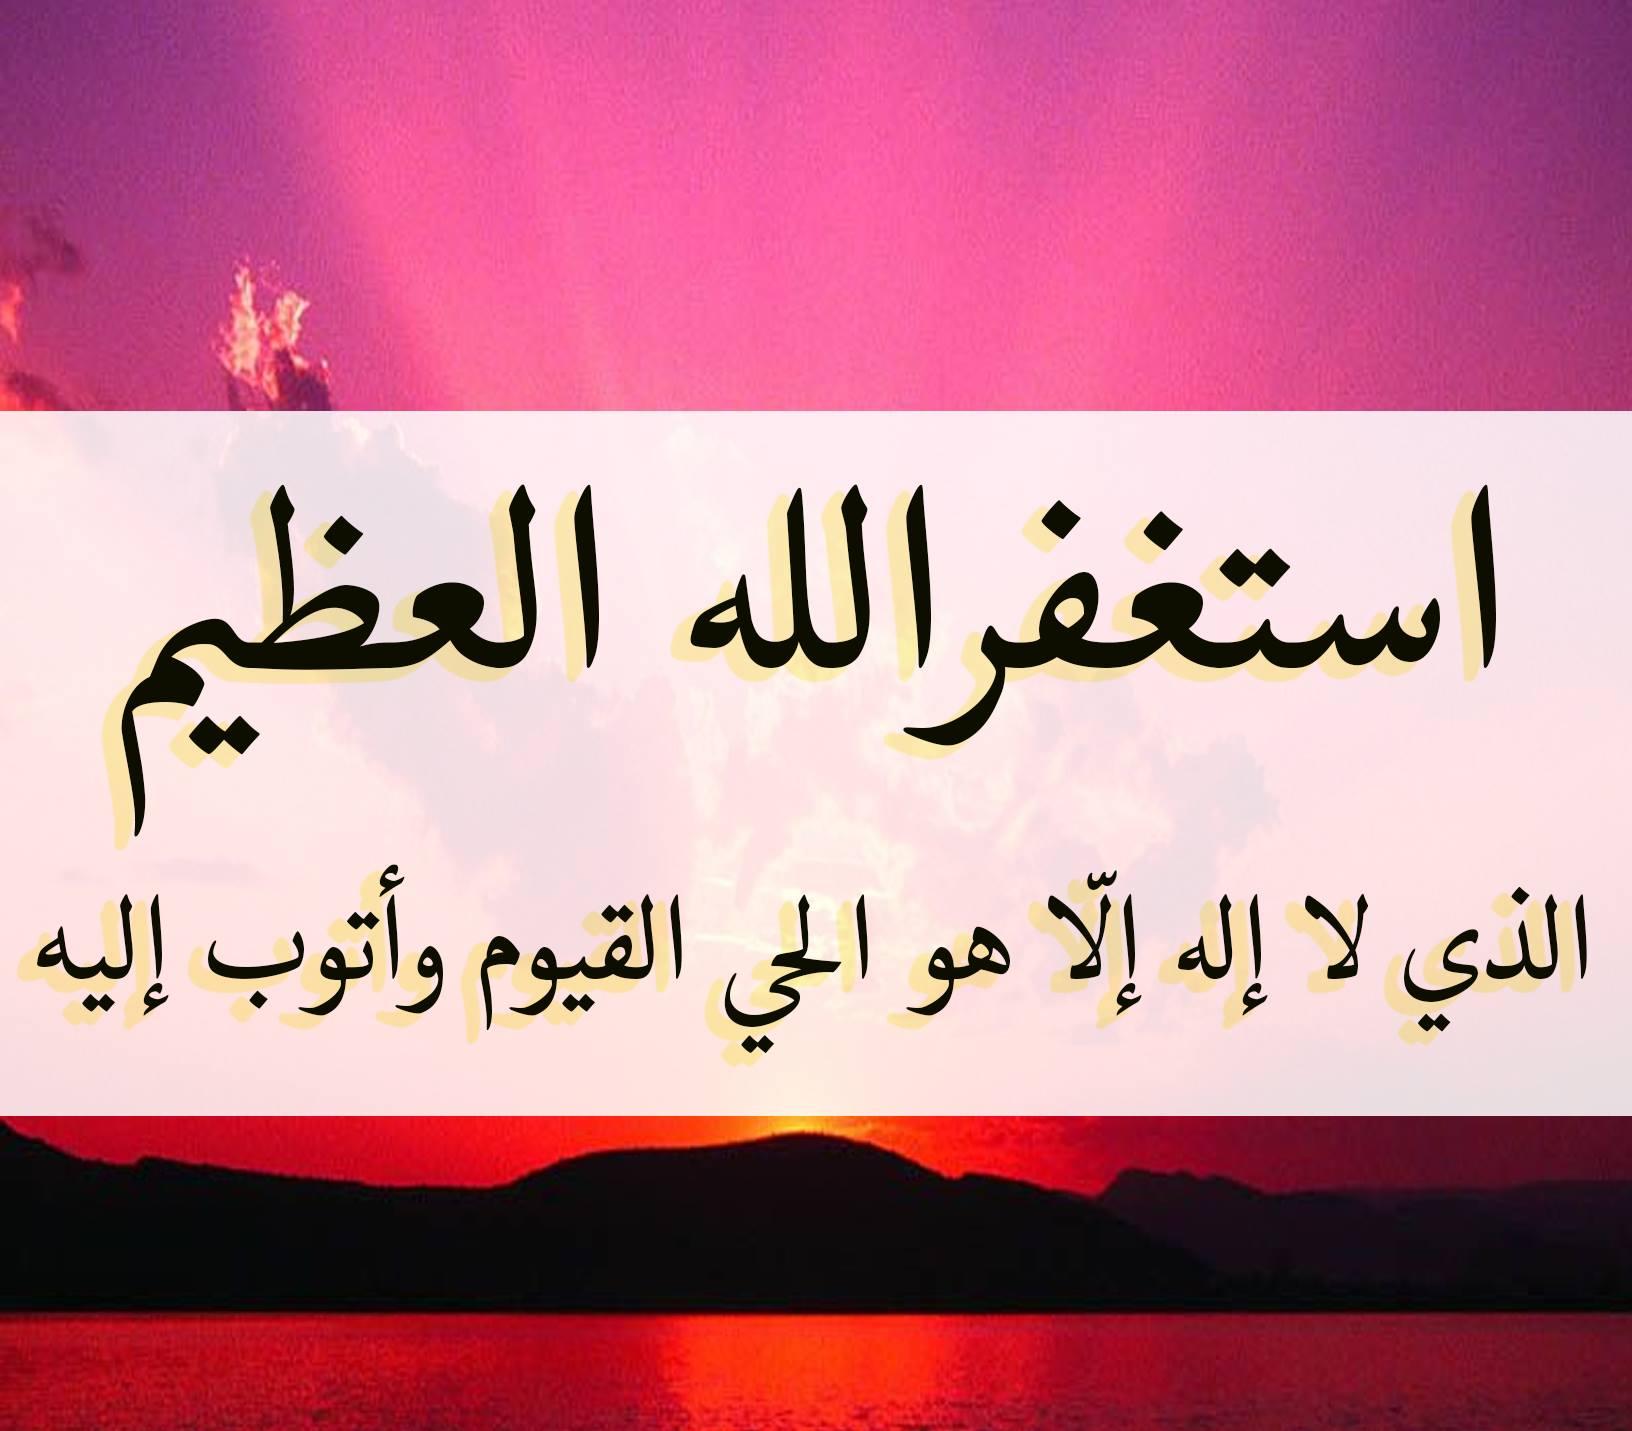 صور عن الاستغفار مكتوب عليها استغفر الله العظيم (7)